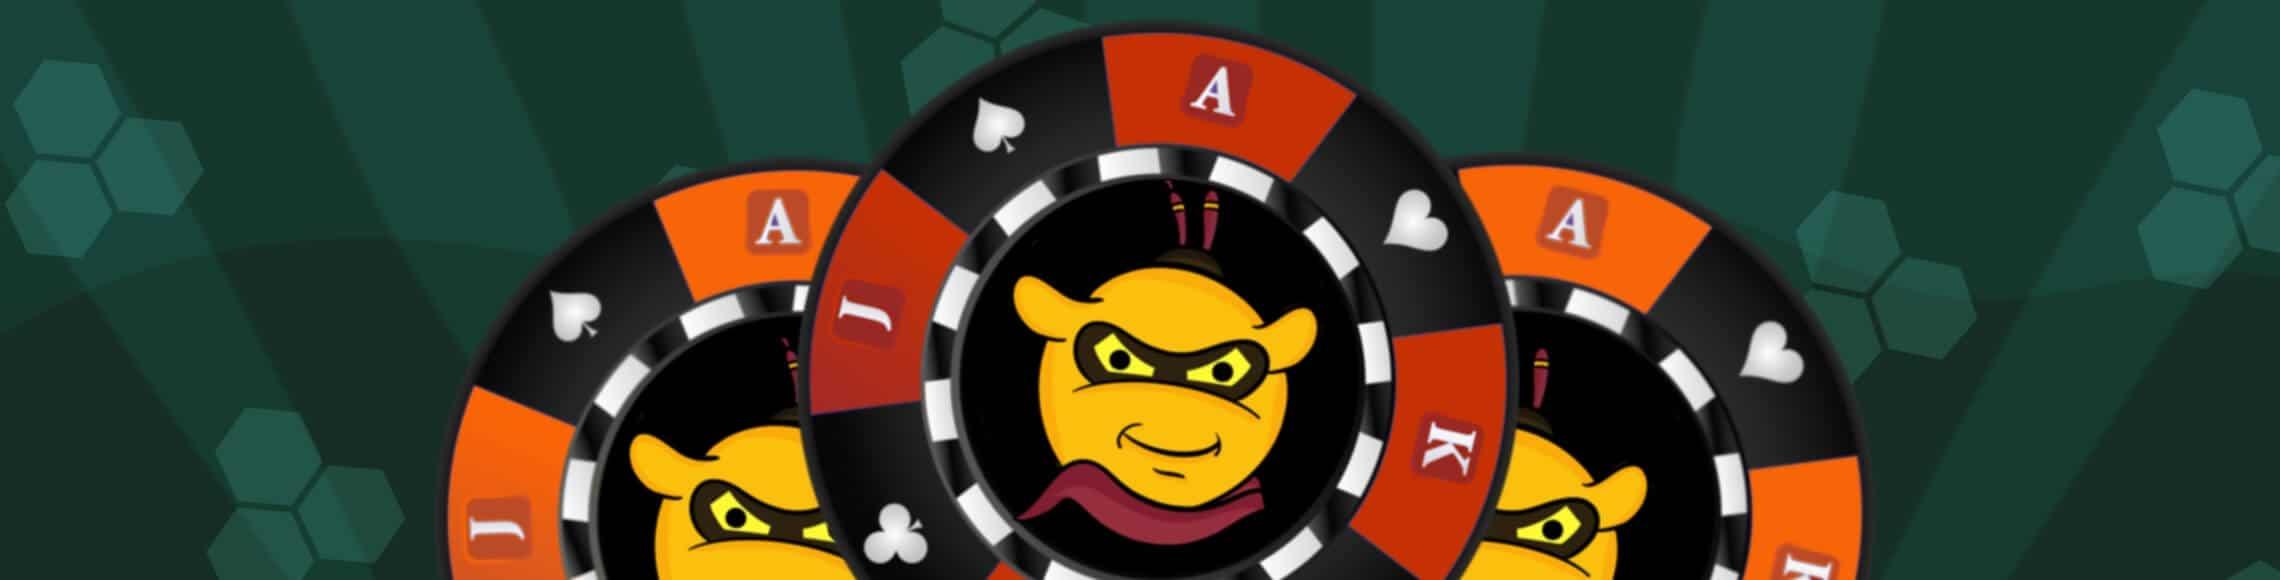 Gute Auswahl an Blackjack Spielen